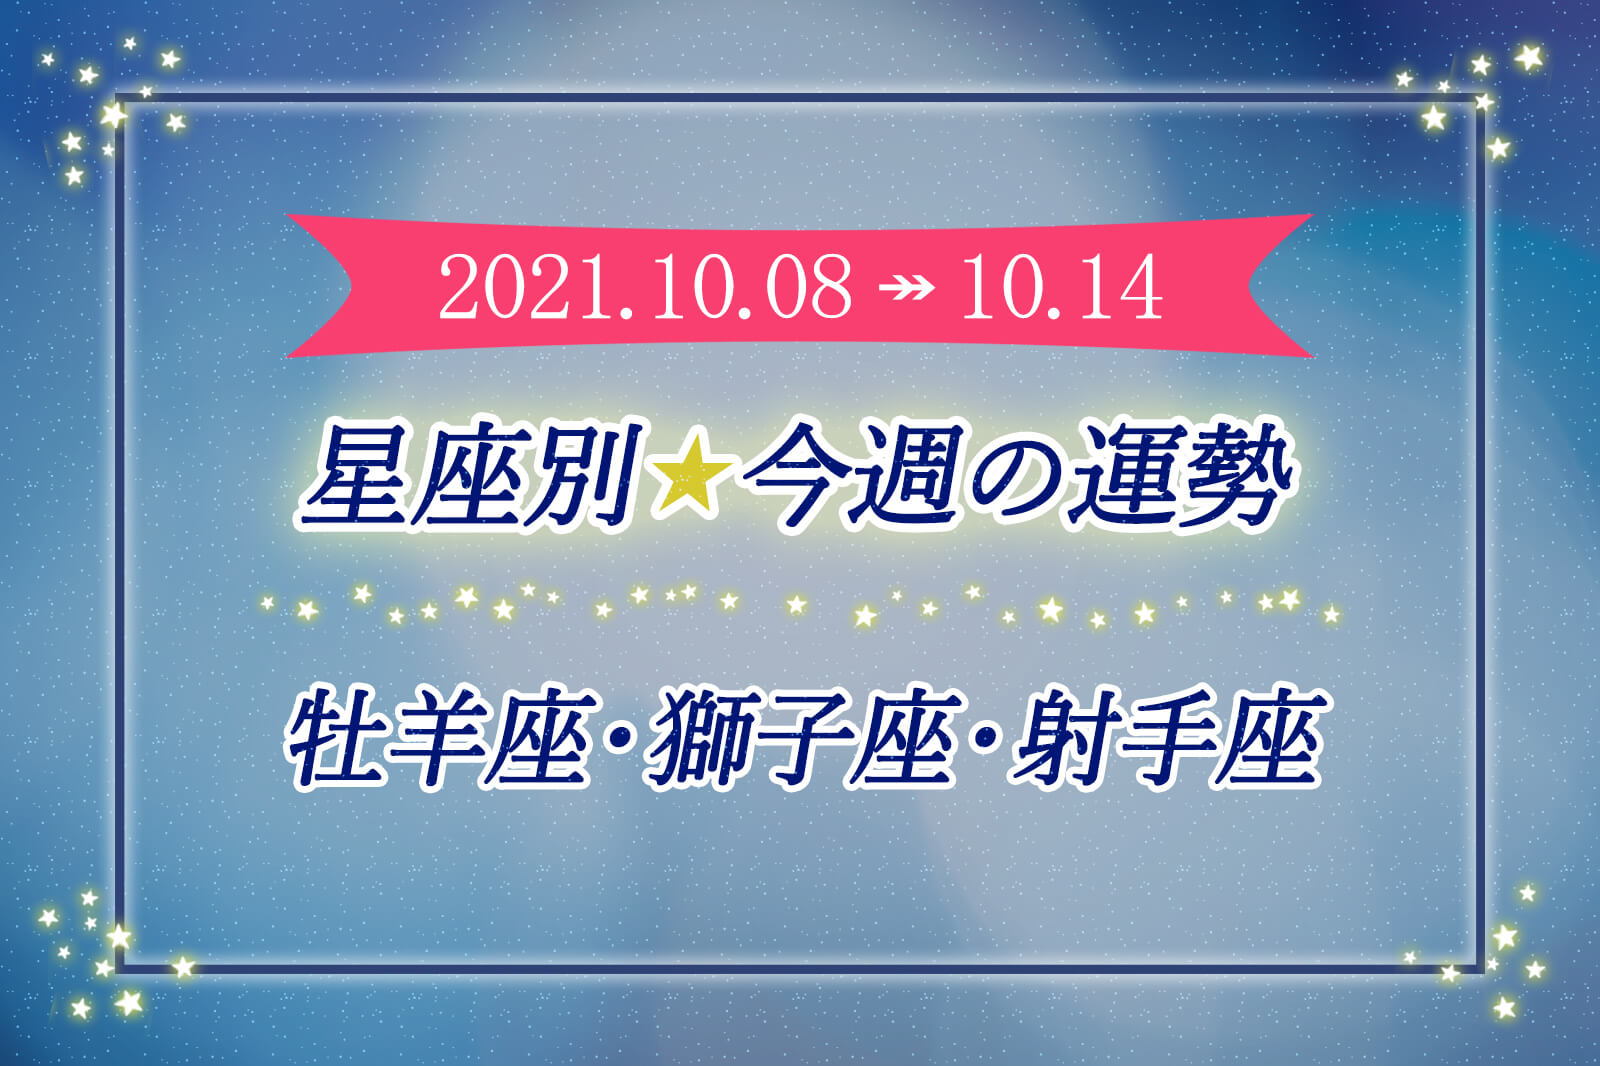 ≪牡羊座/獅子座/射手座≫月の動きで見る1週間の心の変化*10月8日 ~ 10月14日